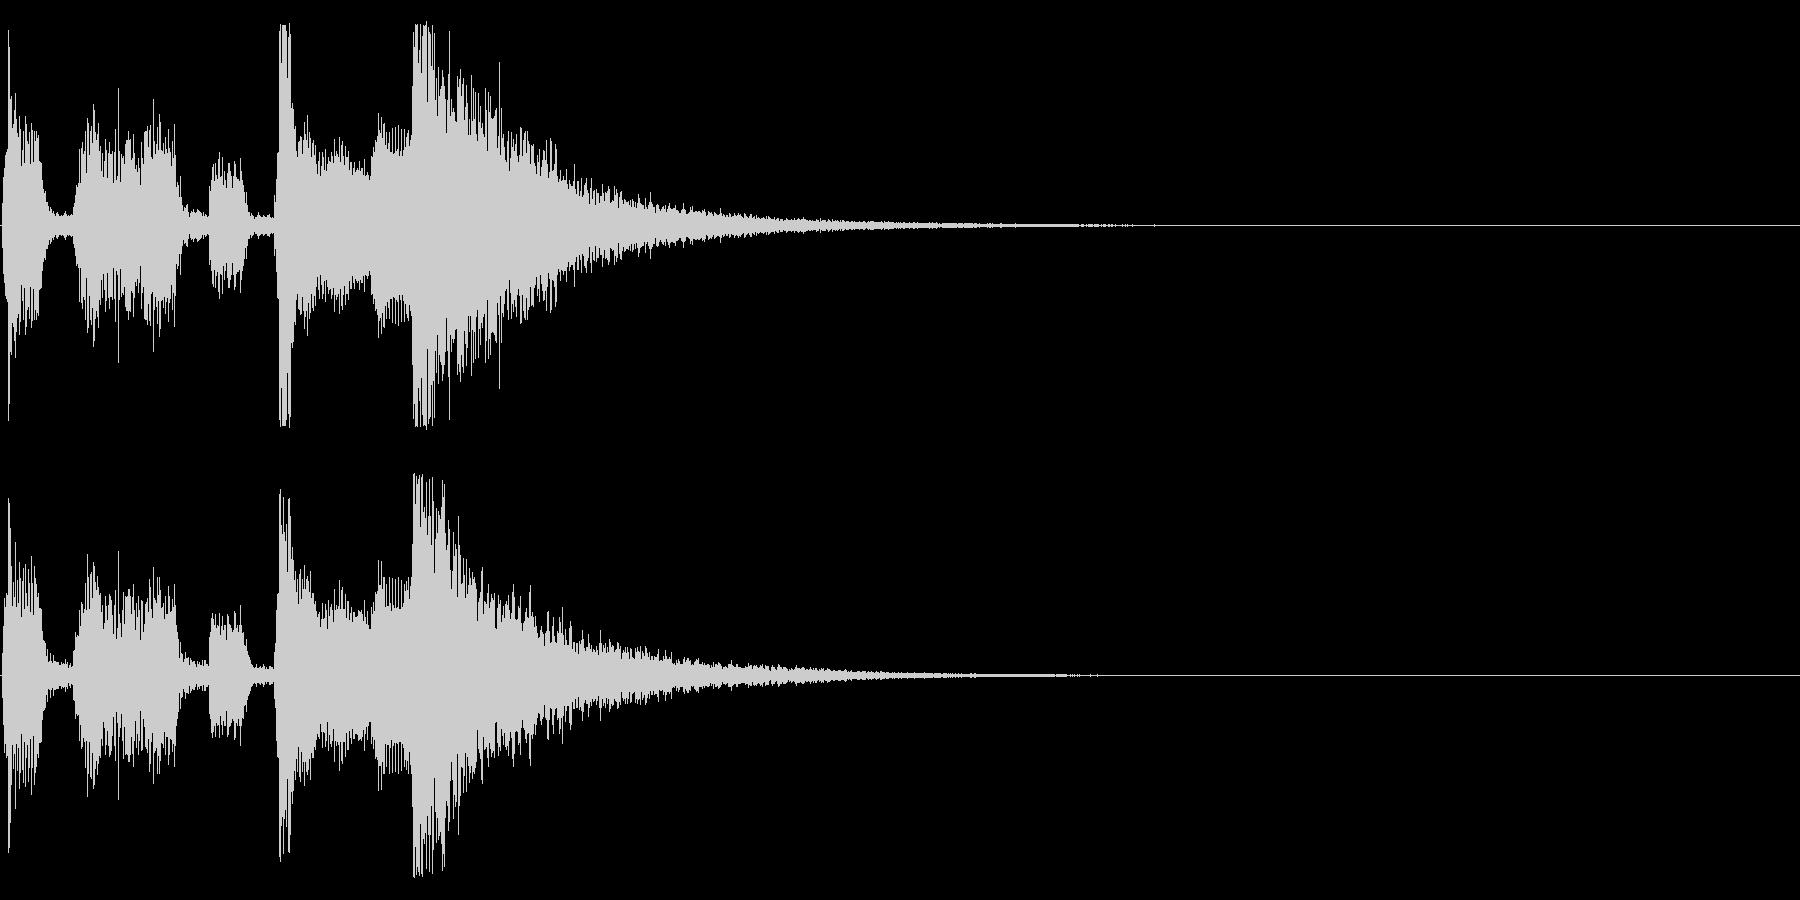 Sax音色がメインのファンファーレの未再生の波形